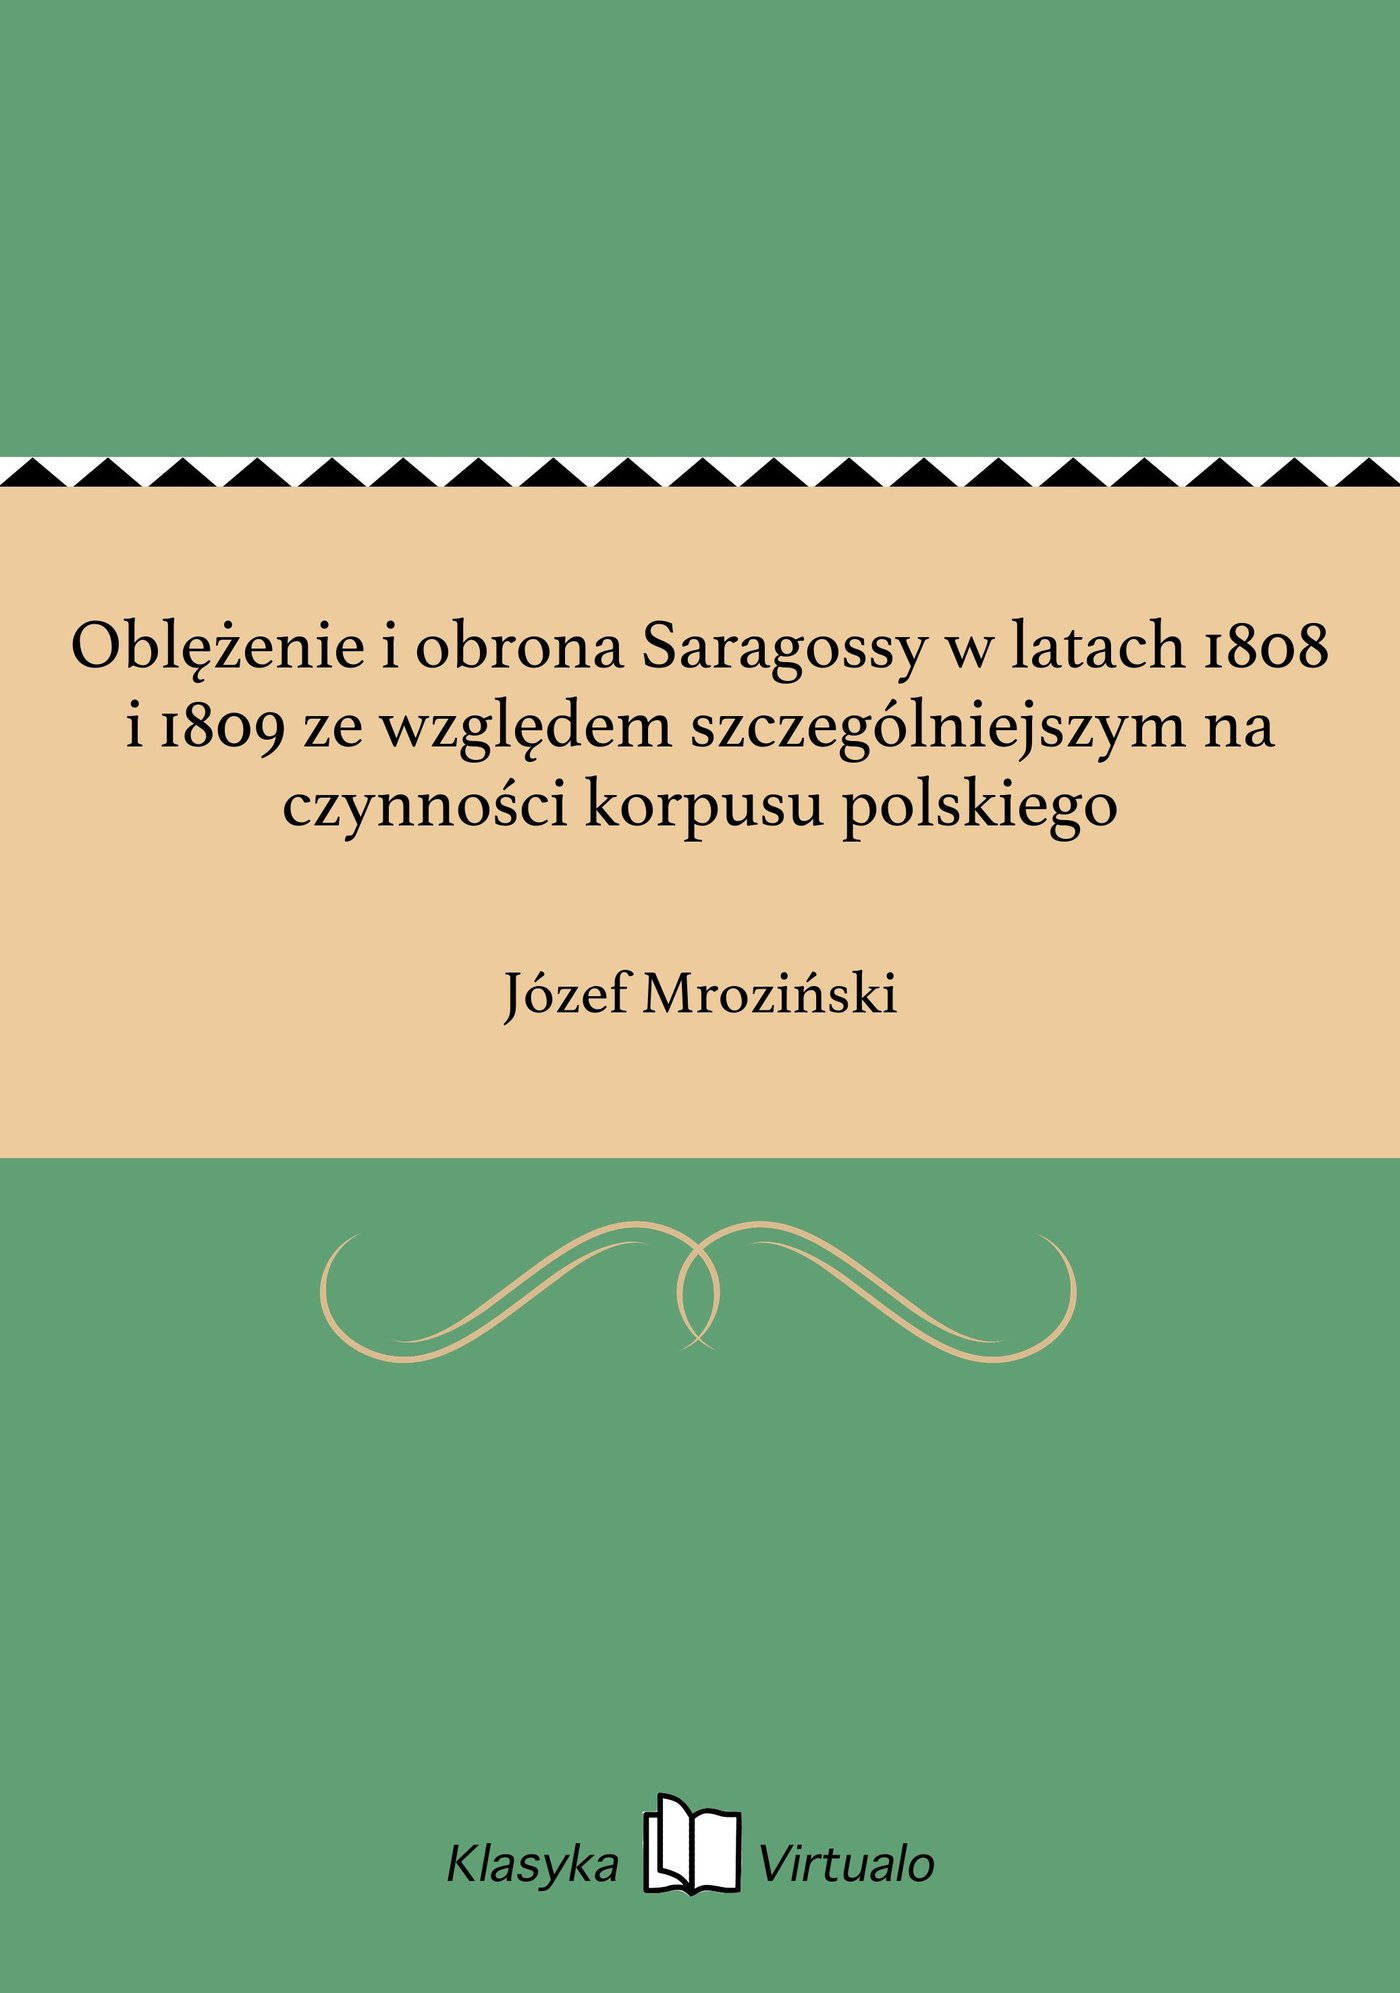 Oblężenie i obrona Saragossy w latach 1808 i 1809 ze względem szczególniejszym na czynności korpusu polskiego - Ebook (Książka EPUB) do pobrania w formacie EPUB